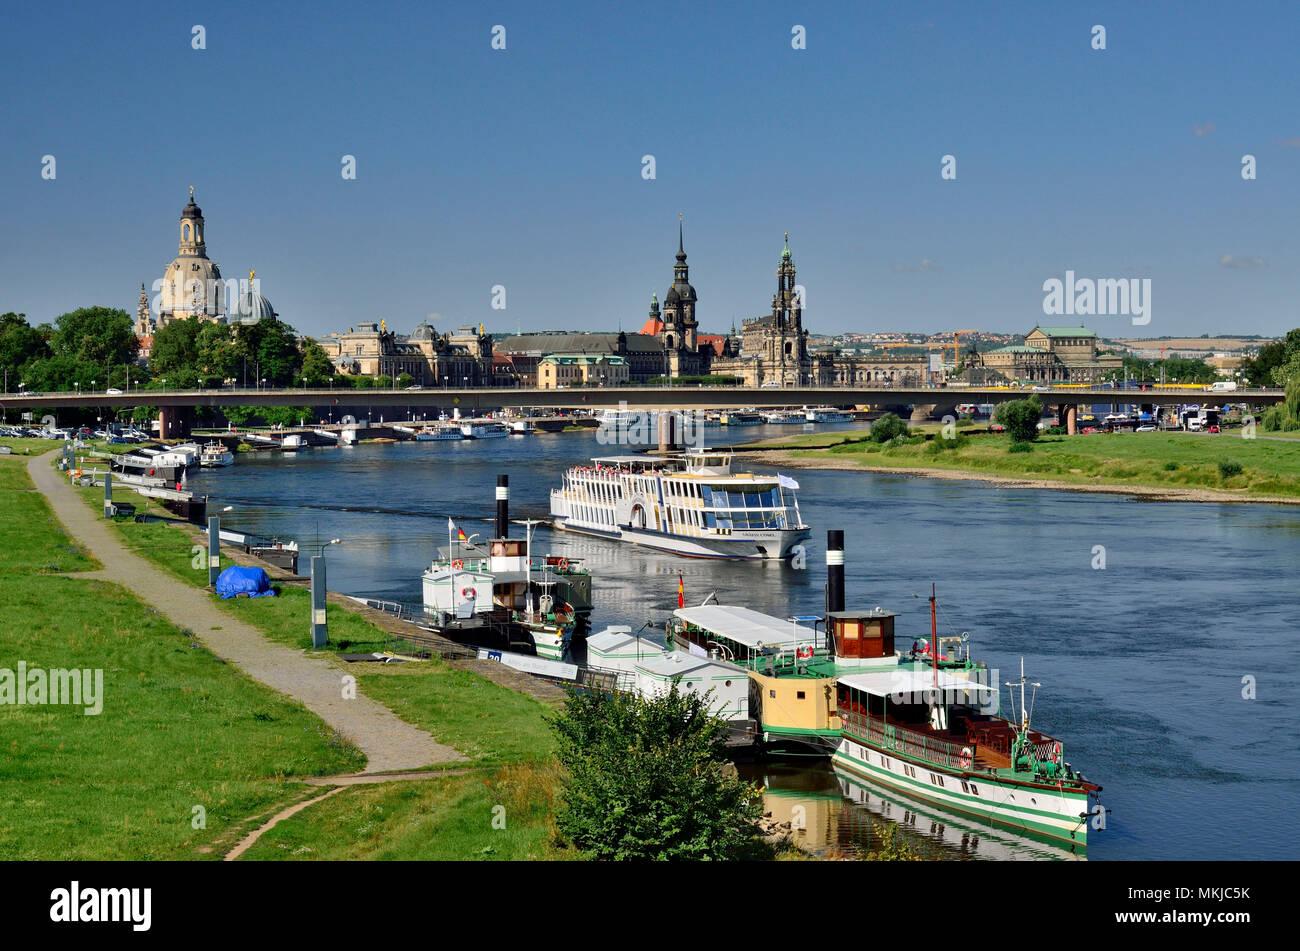 The same shipping Carola Bridge and the old town, Dresden, Elbeschifffahrt vor Carolabrücke und Altstadt - Stock Image